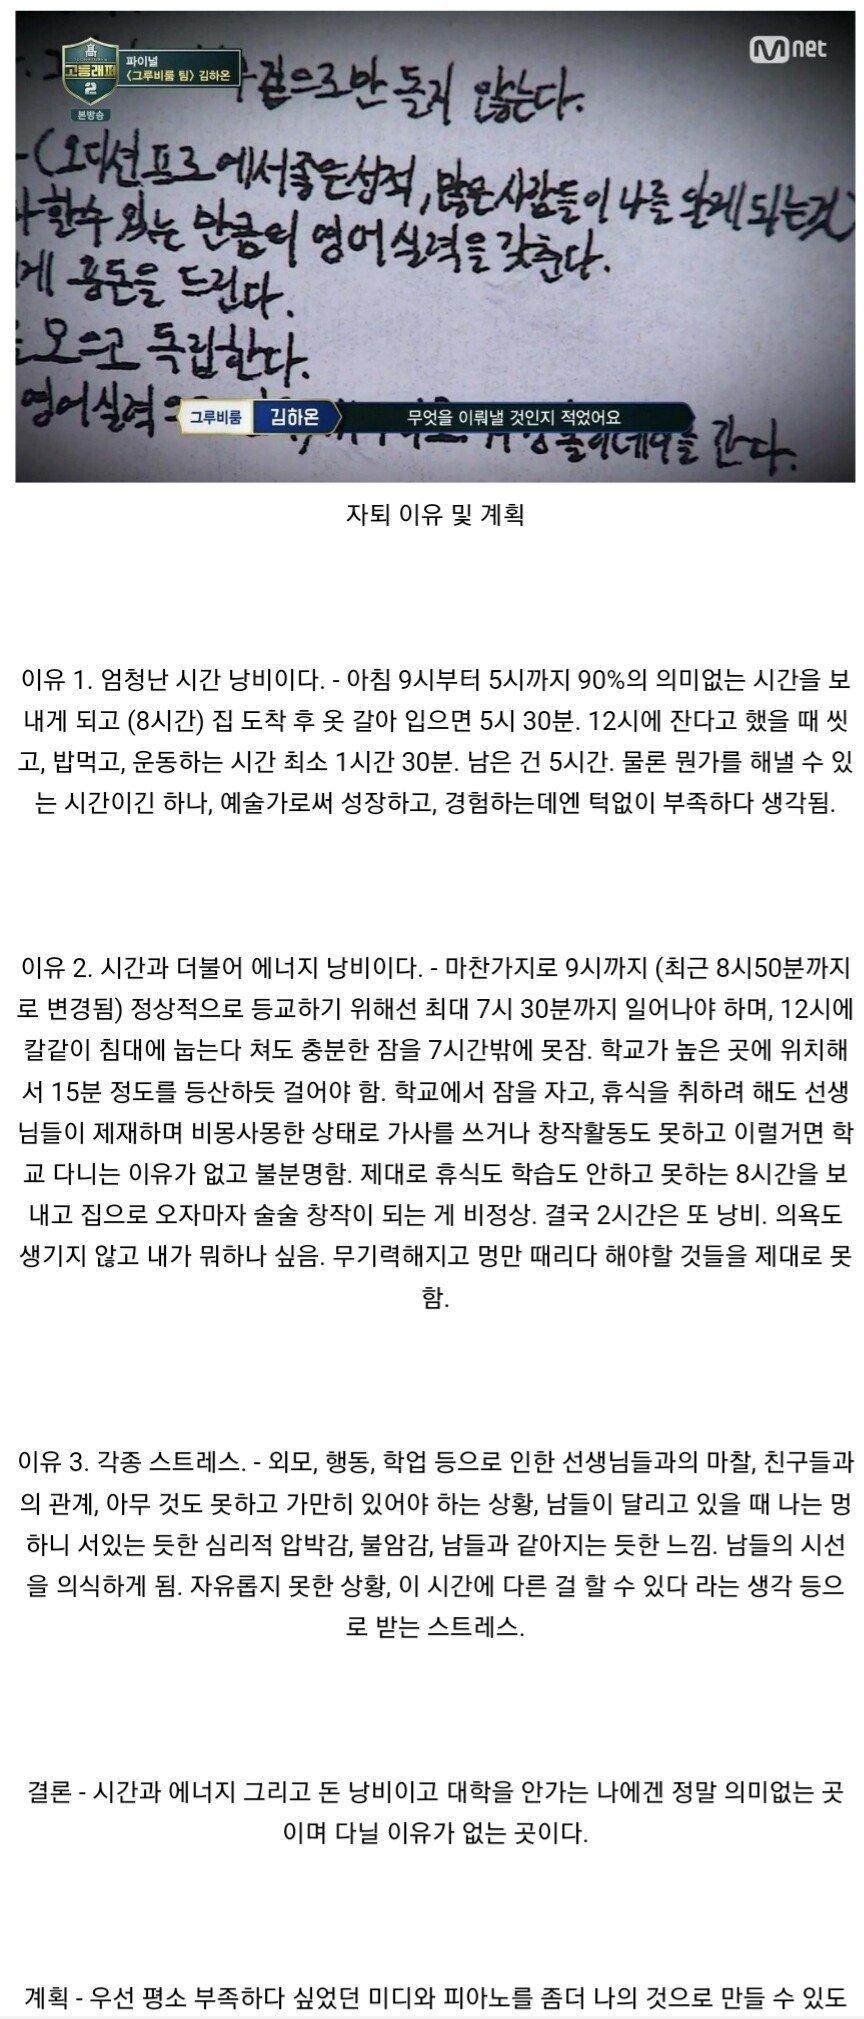 20201016_185959.jpg 래퍼 김하온이 고등학교 자퇴할 때 작성한 사유 및 계획서.JPG